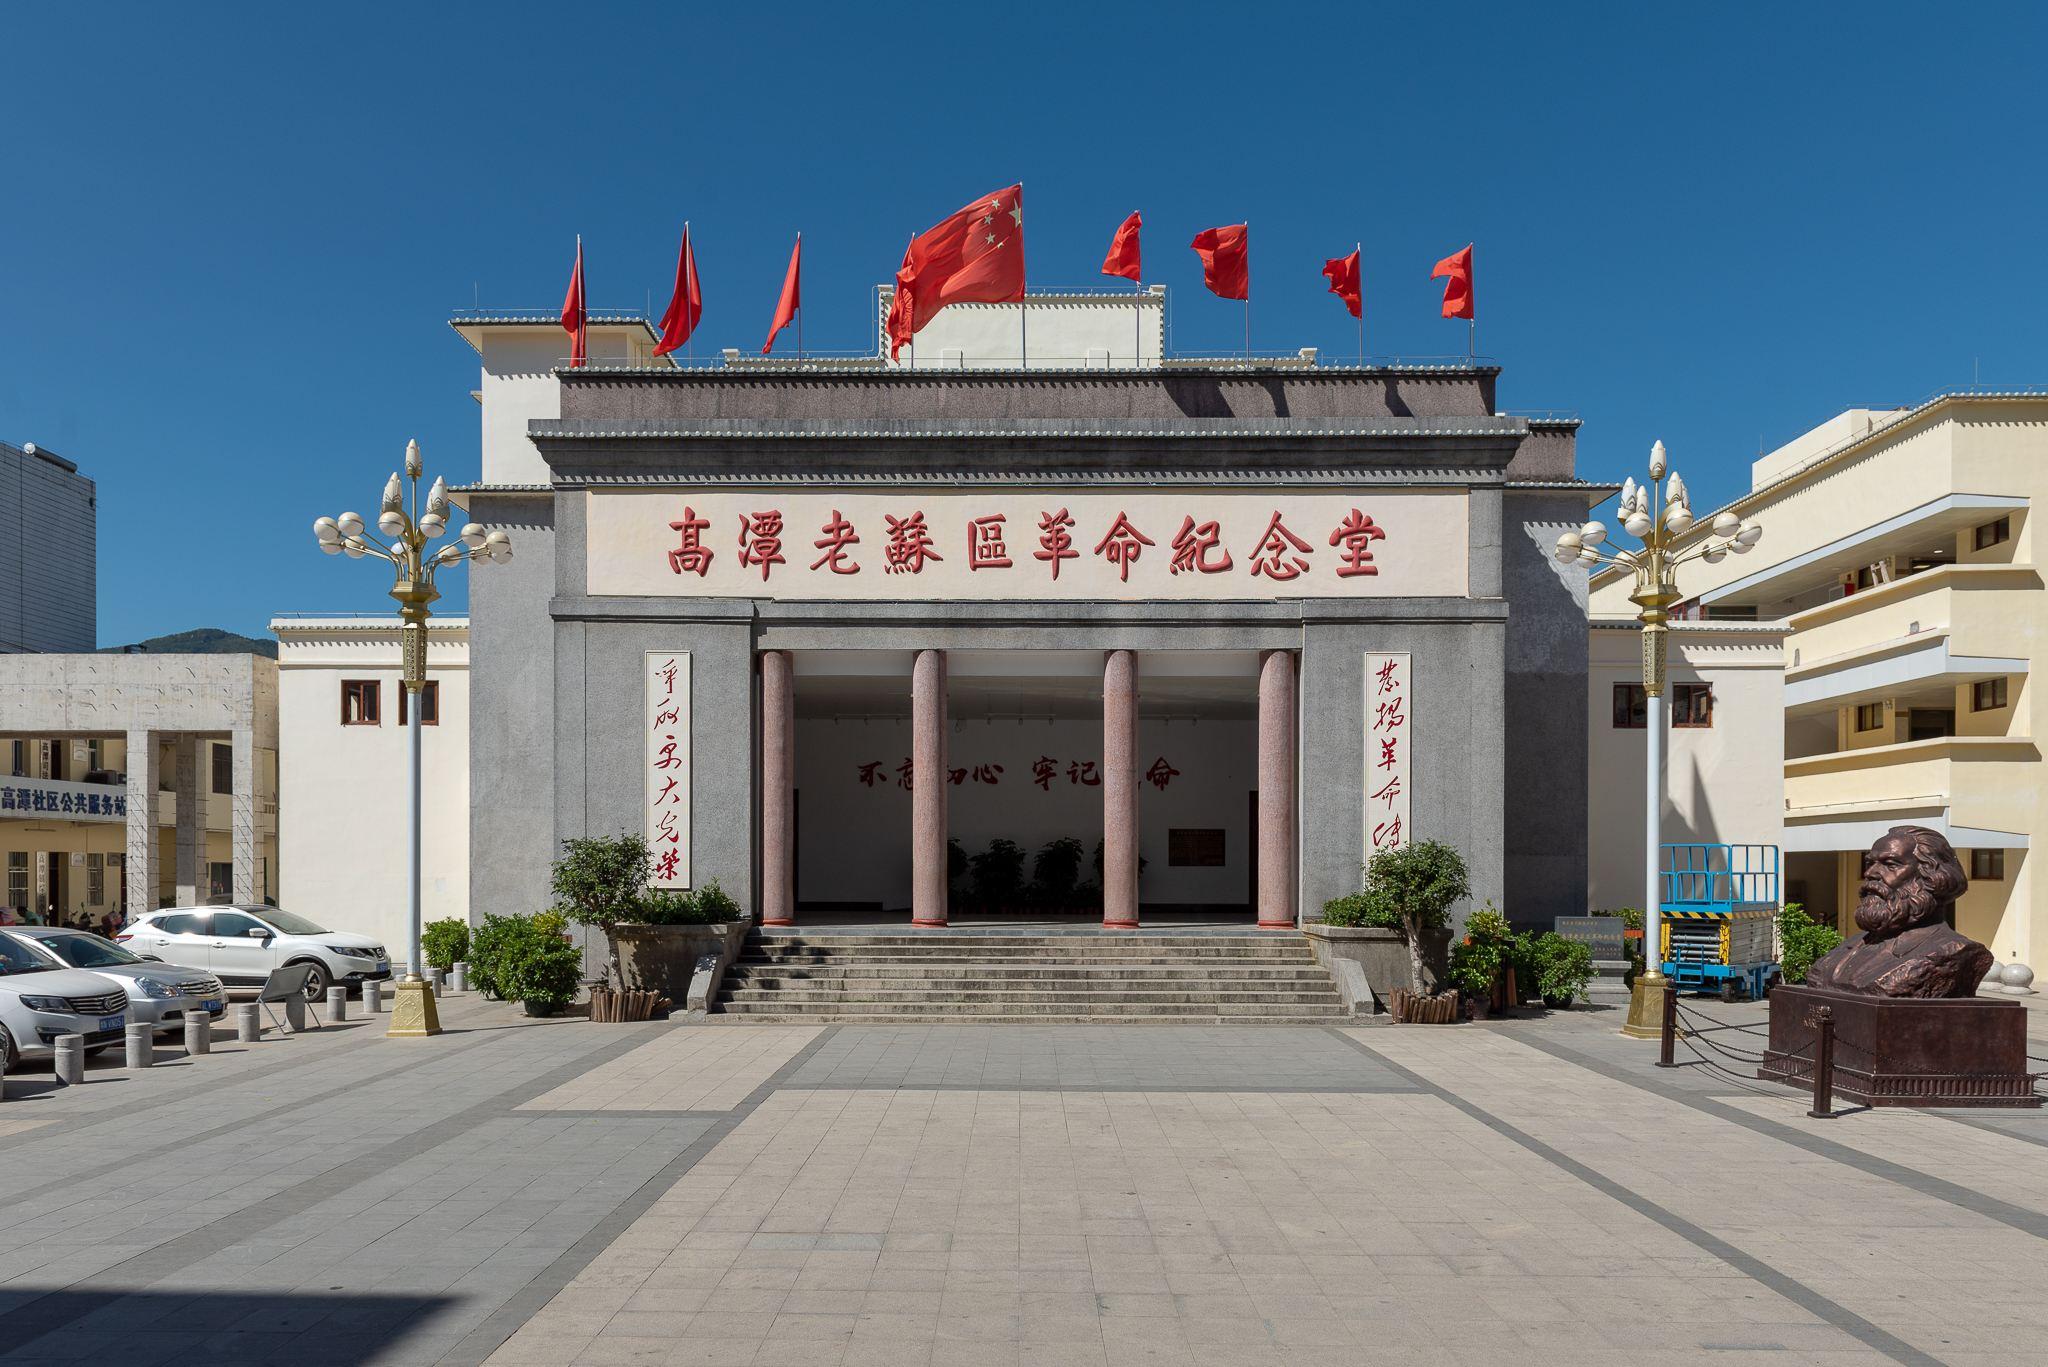 2018年 广东惠州革命老区电气安装项目